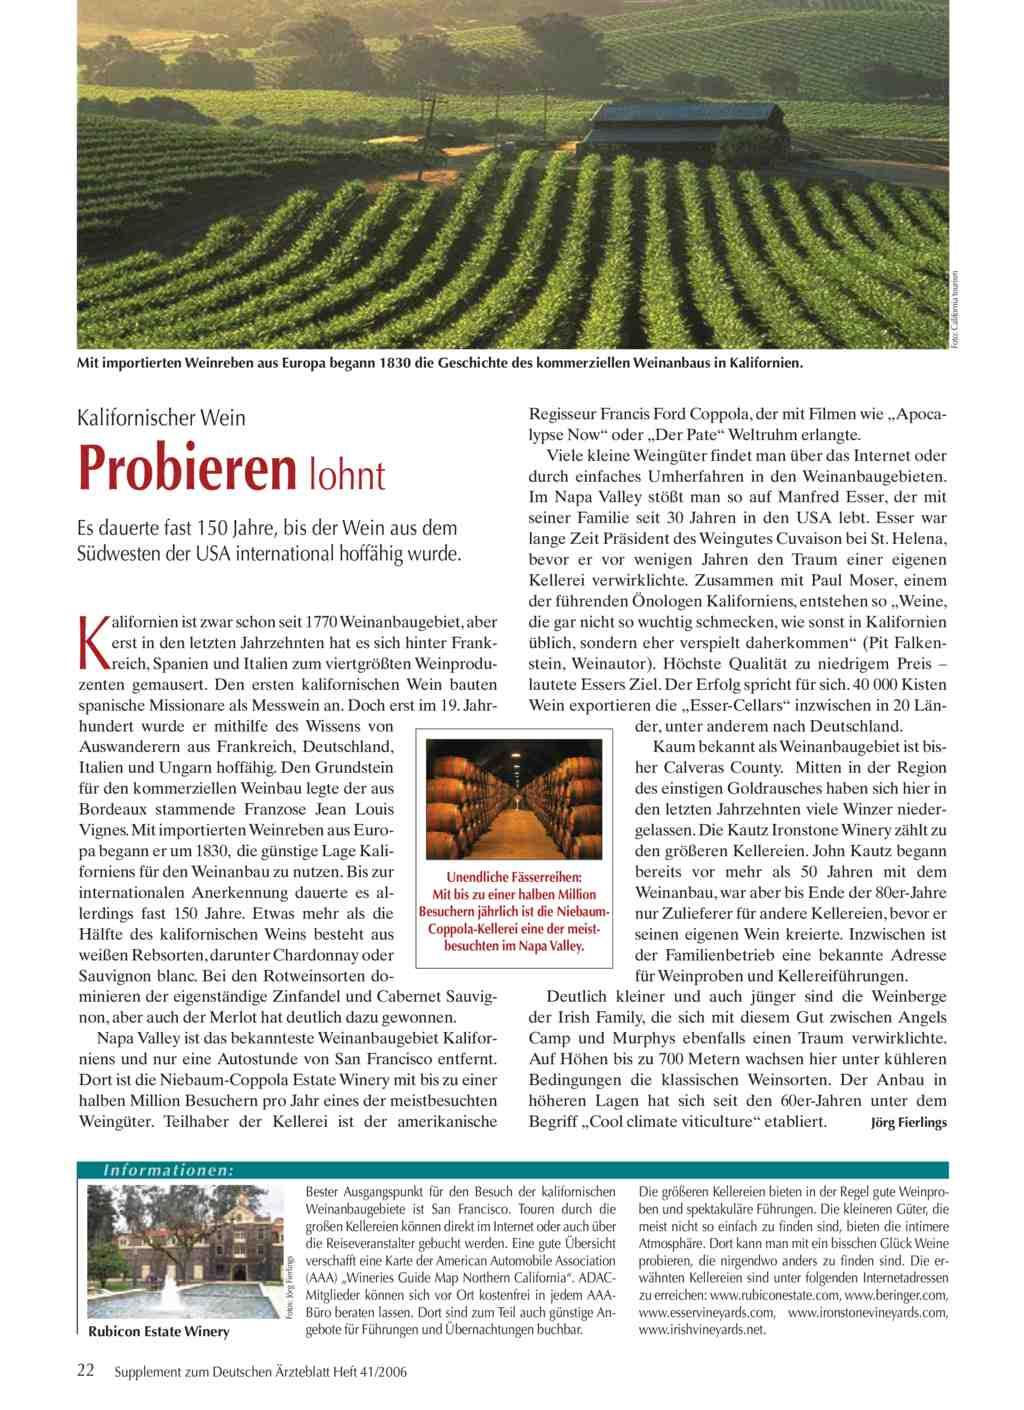 Kalifornien Karte Pdf.Kalifornischer Wein Probieren Lohnt